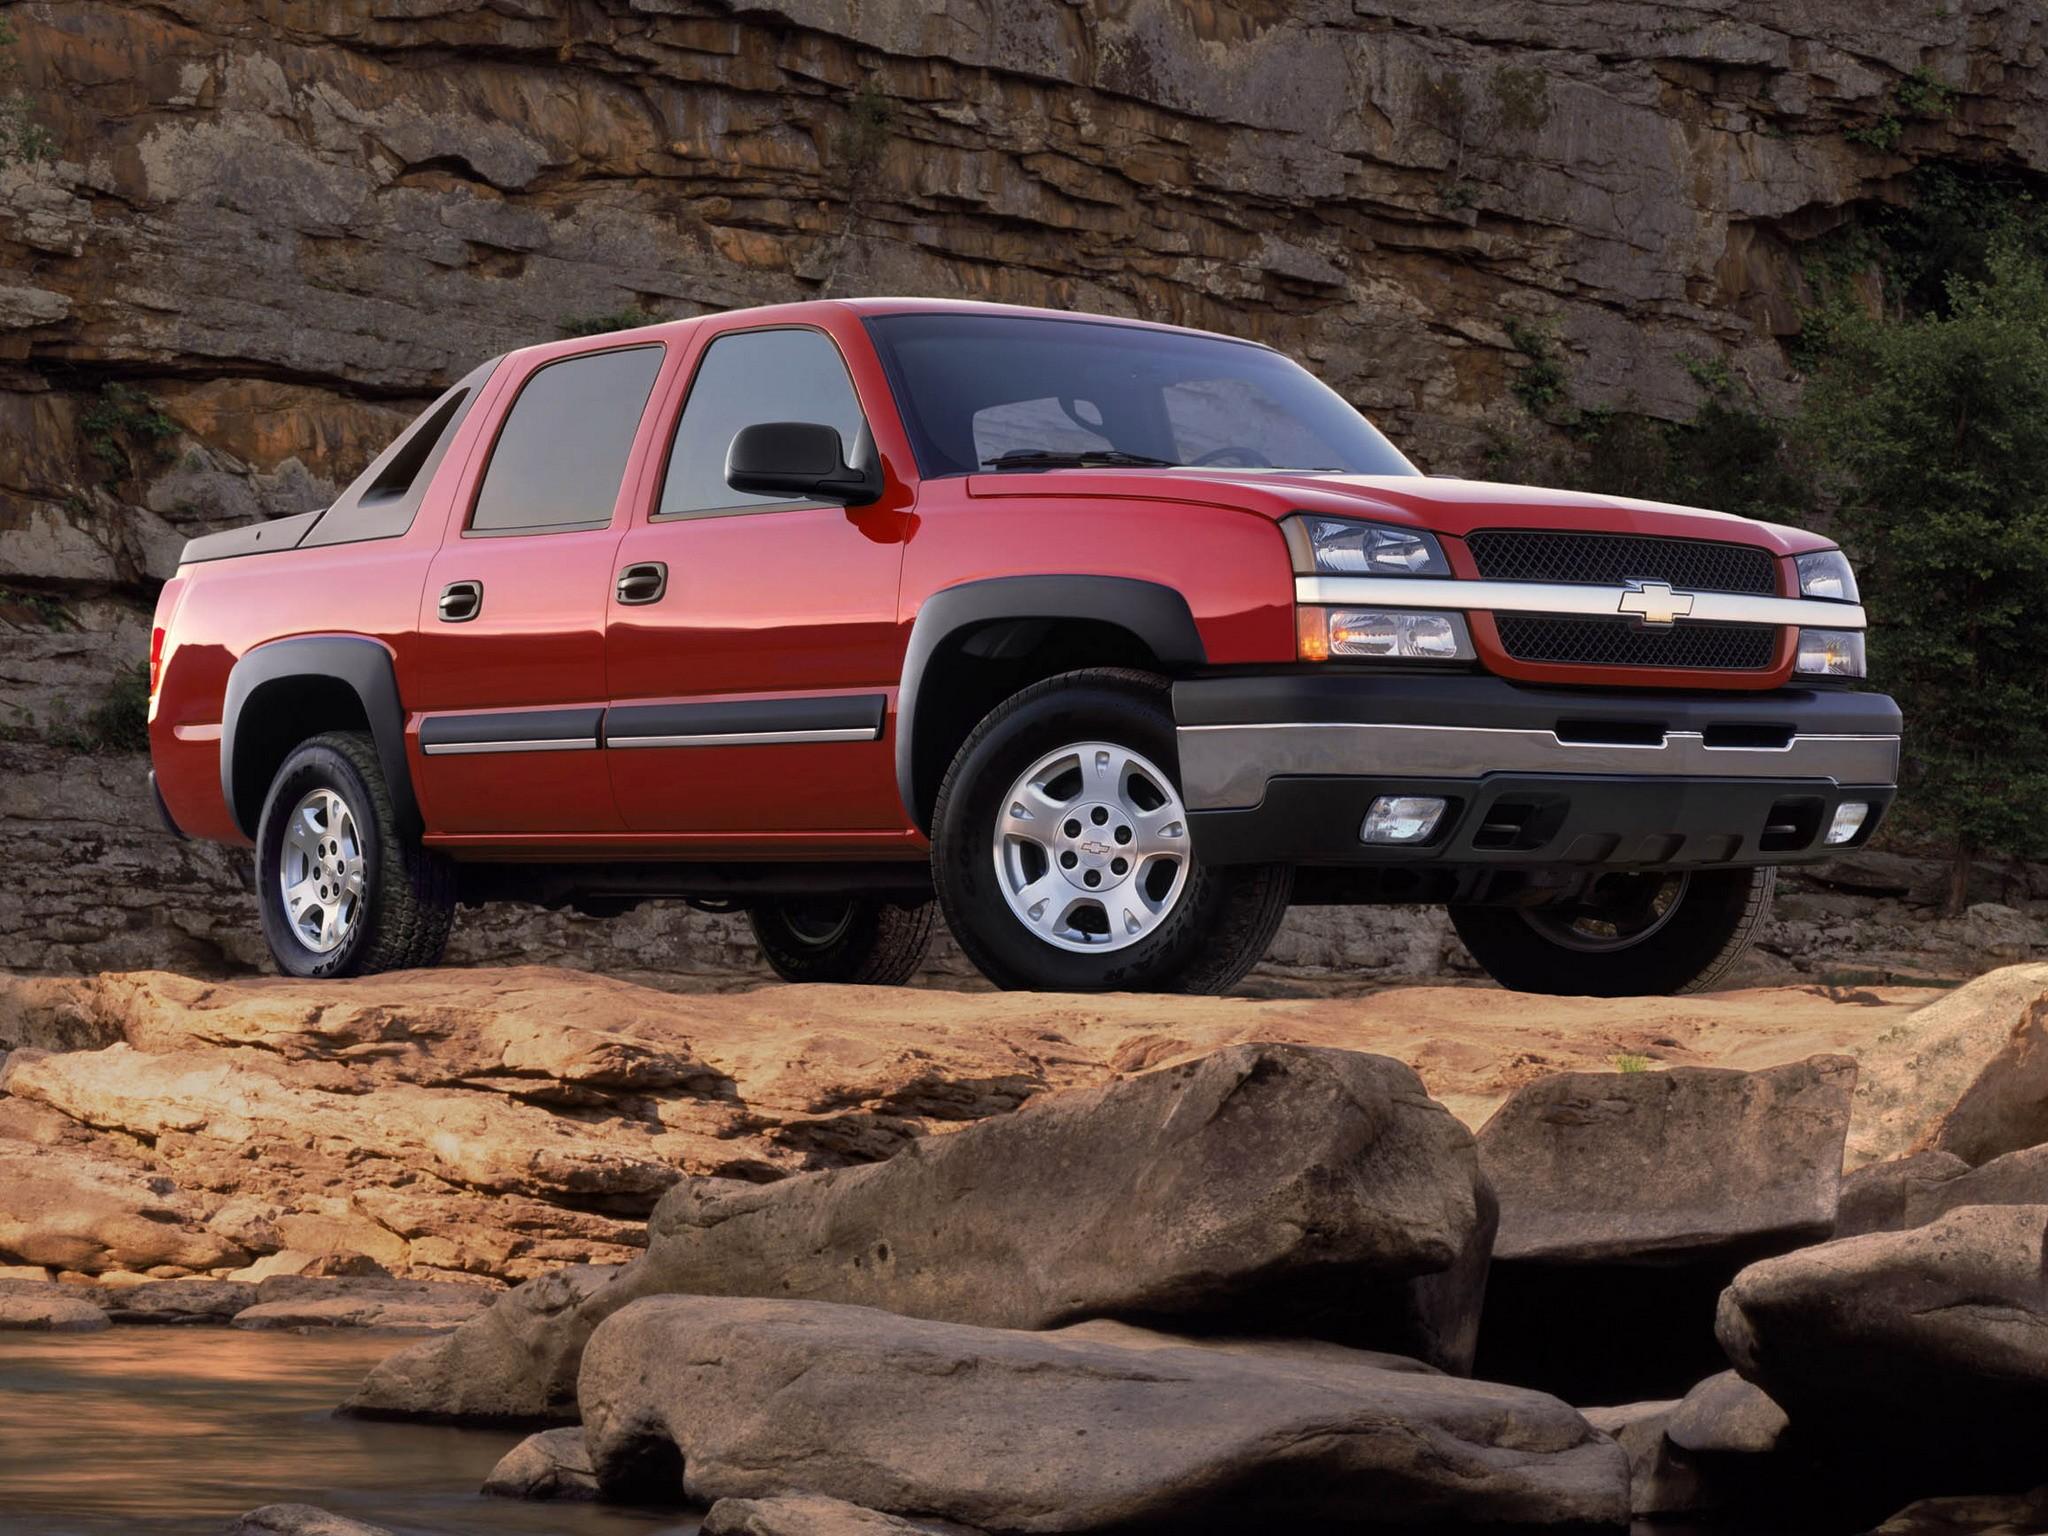 Cadillac Escalade Ext >> CHEVROLET Avalanche - 2001, 2002, 2003, 2004, 2005, 2006 - autoevolution